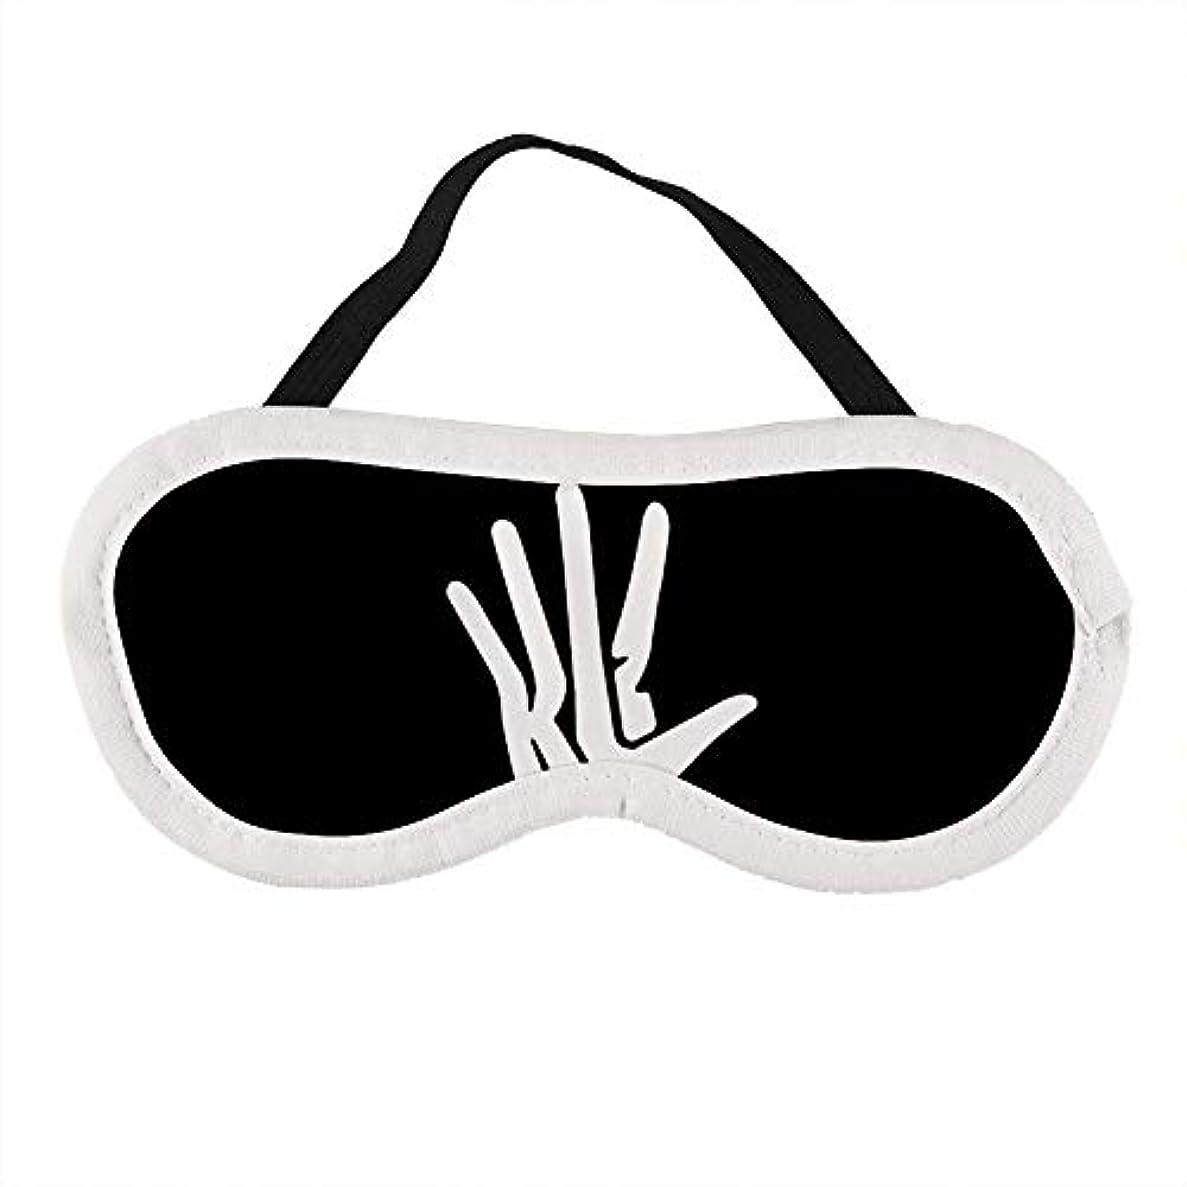 ホップ管理者植物のカワイ レナード バス 選手 手 ロゴ睡眠旅行のためのファッションソフトスリープアイマスクアイシェード目隠しは、昼寝ブロックライトを作業します